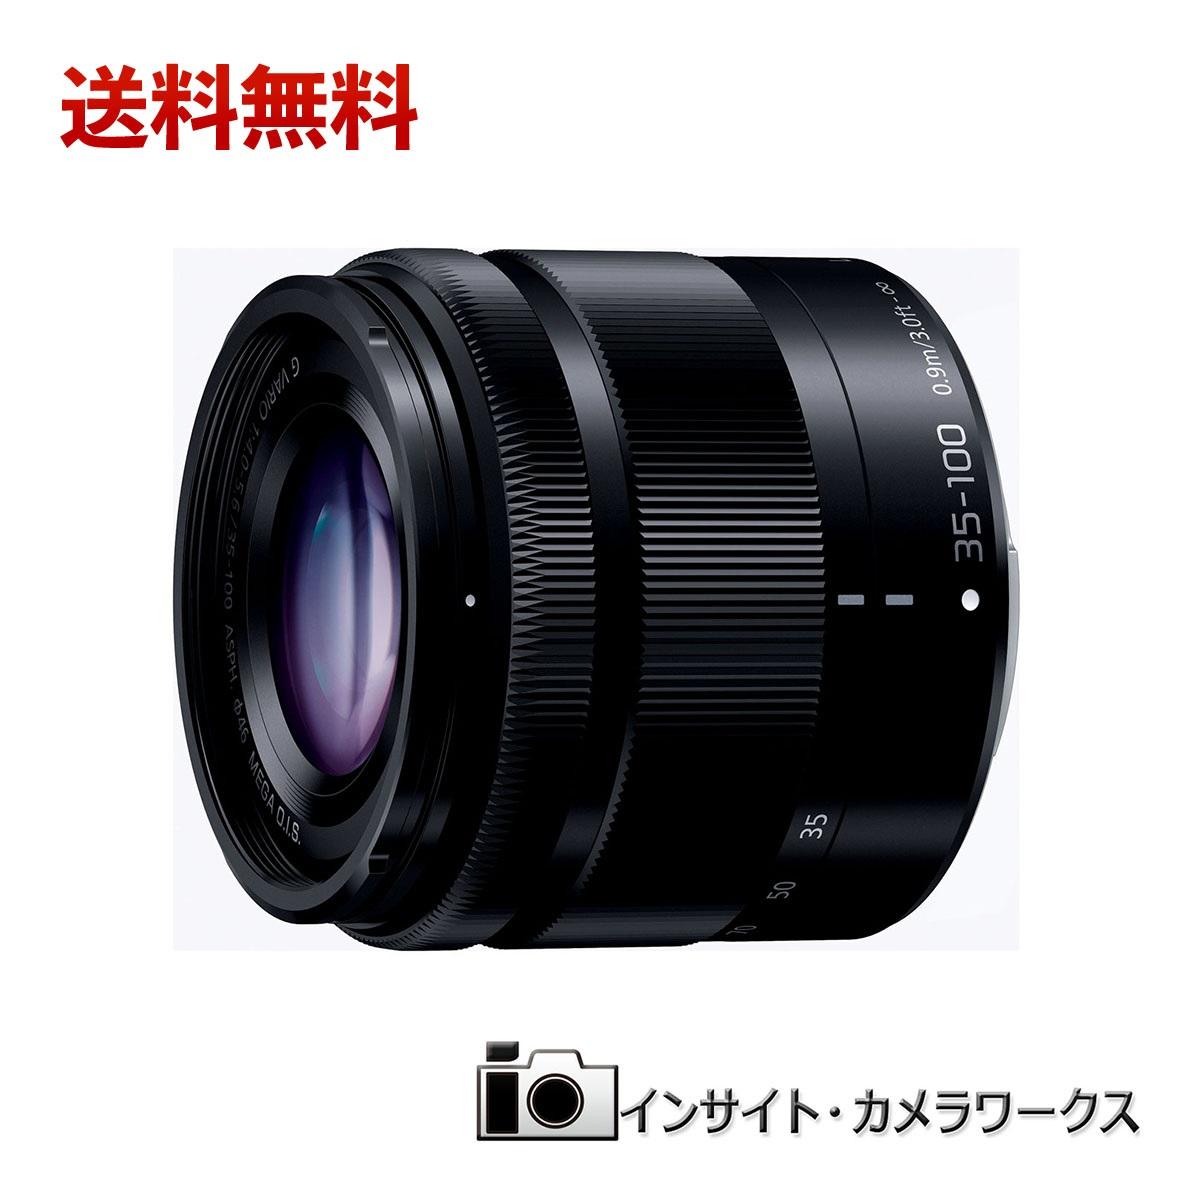 【特別価格】Panasonic LUMIX G VARIO 35-100mm/F4.0-5.6 ASPH./MEGA O.I.S H-FS35100-K 望遠ズームレンズ パナソニック ルミックス